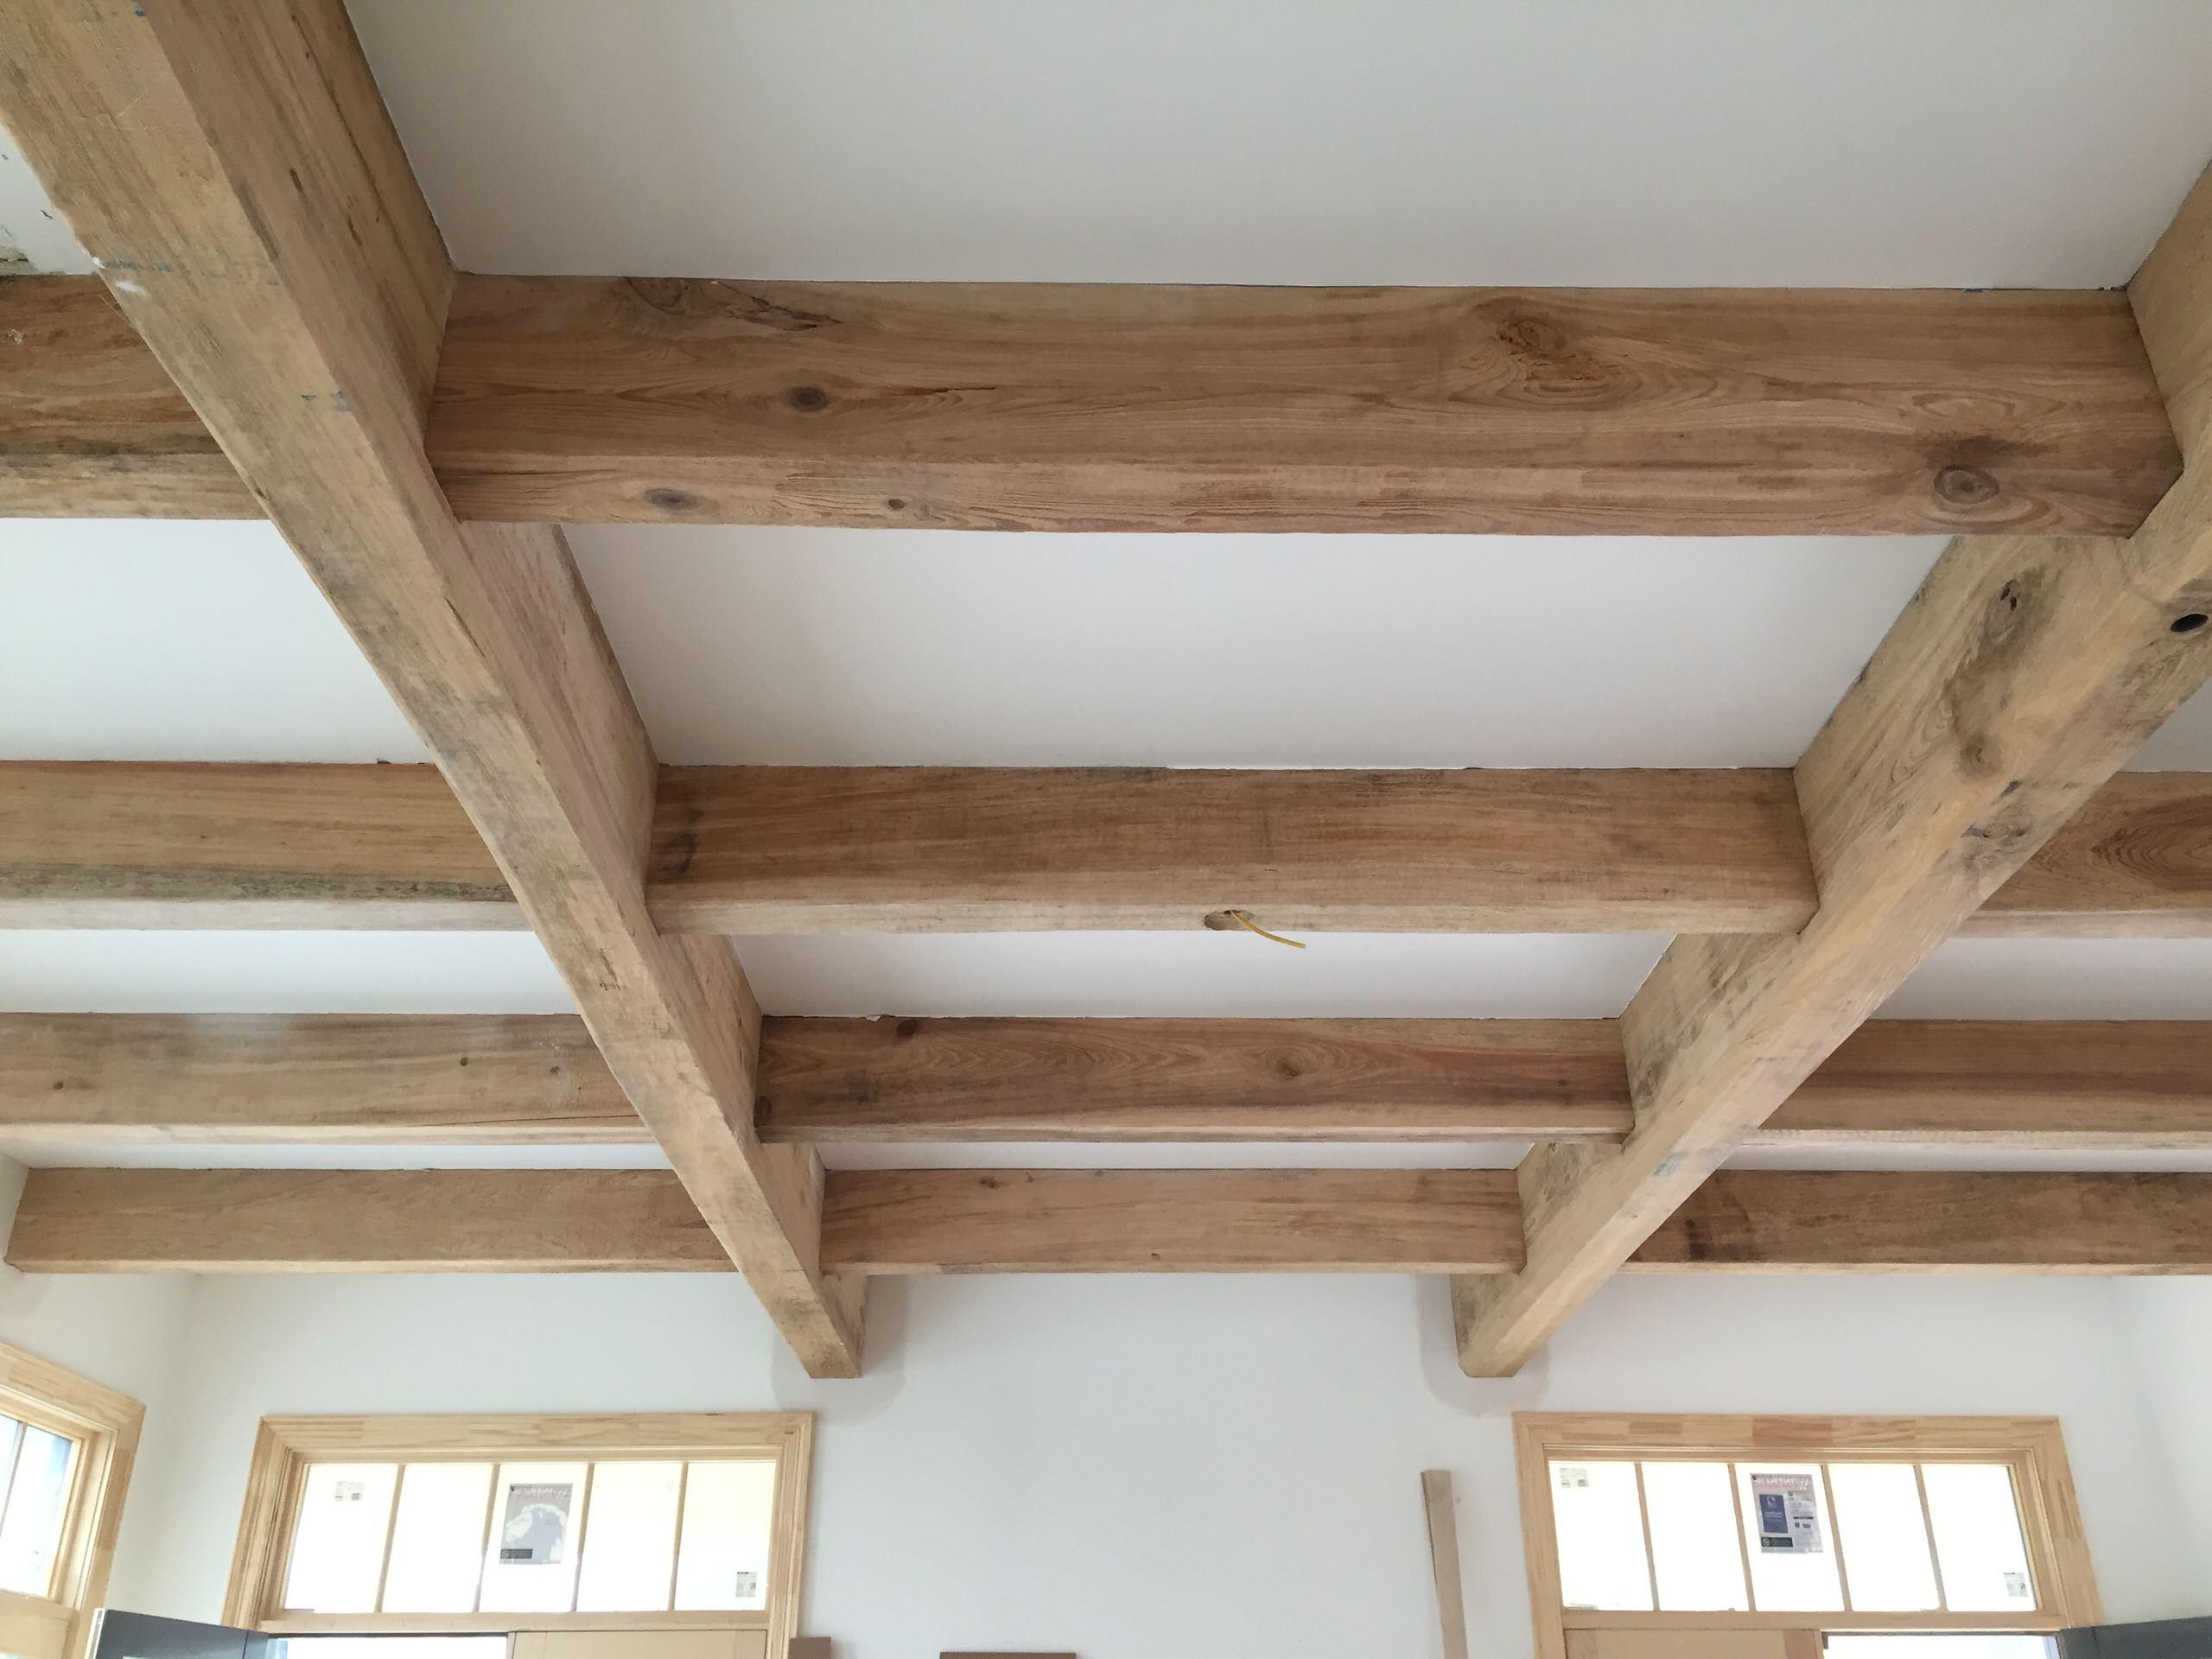 Cypress beams